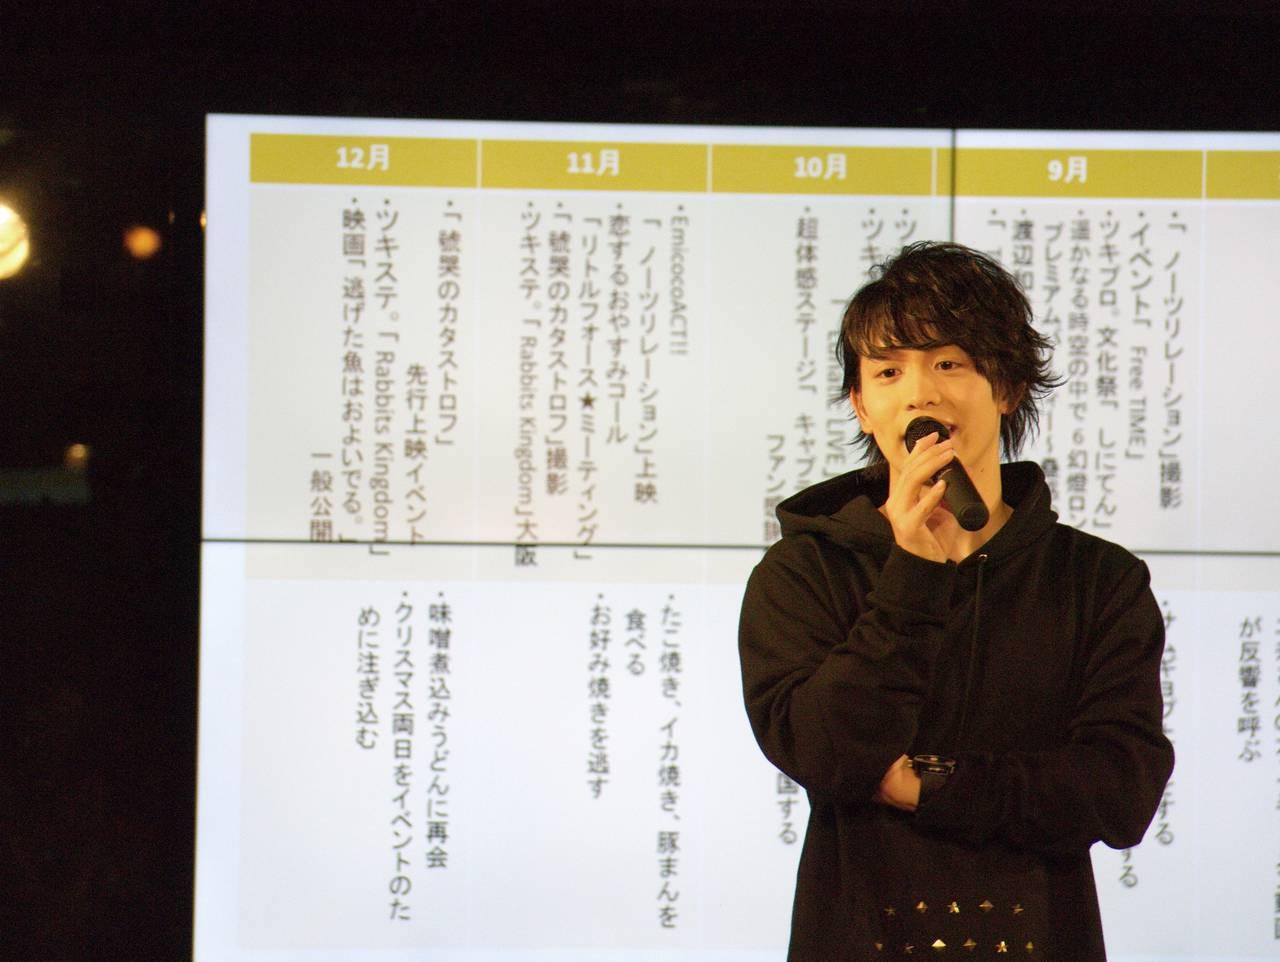 アツいトーク&ライブ! 『輝山立 2017 WINTER PARTY』~寒さに負けずがんばりゅー!!!~イベントレポート